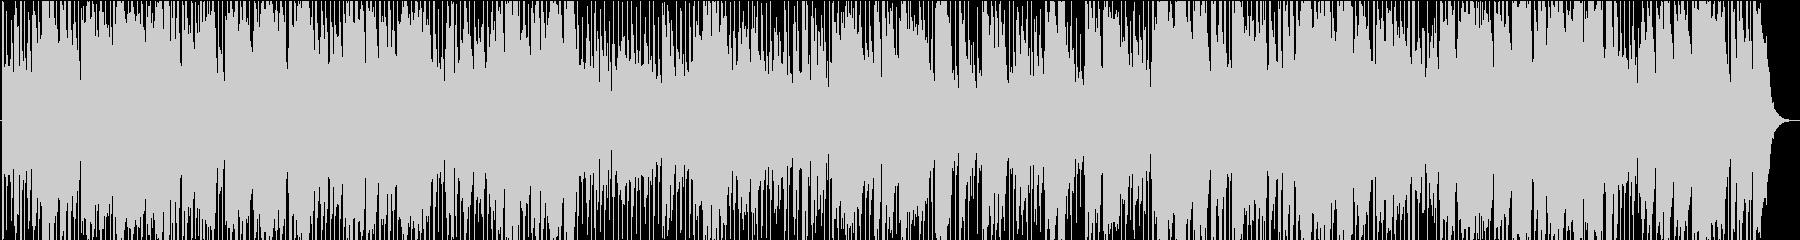 生演奏のゴージャスなビッグバンドジャズの未再生の波形